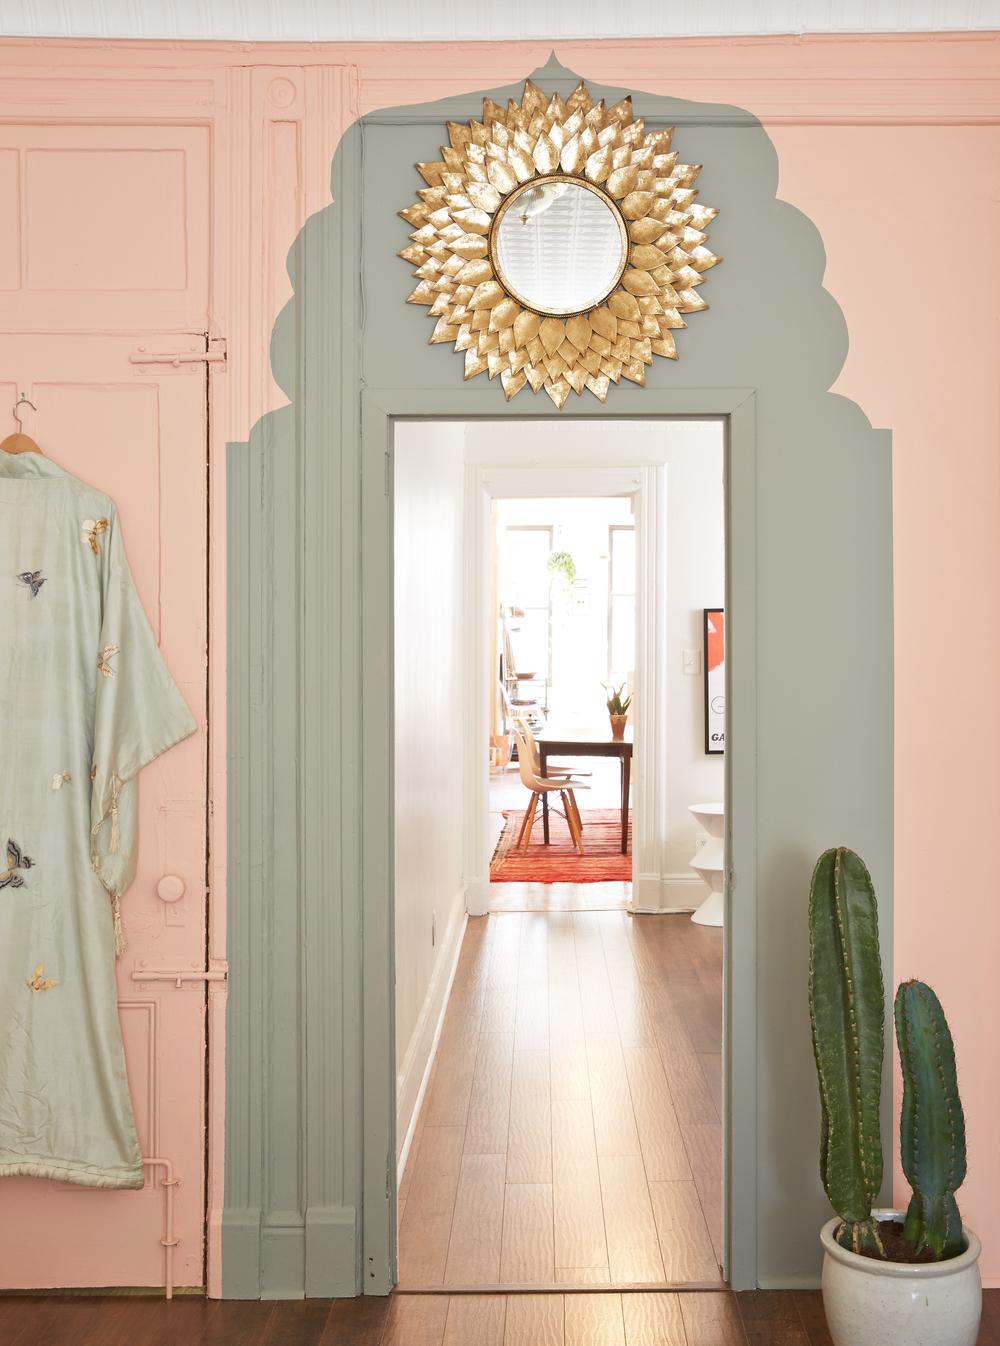 DIY PAINTED MOROCCAN DOORWAY | Megan Pflug Designs